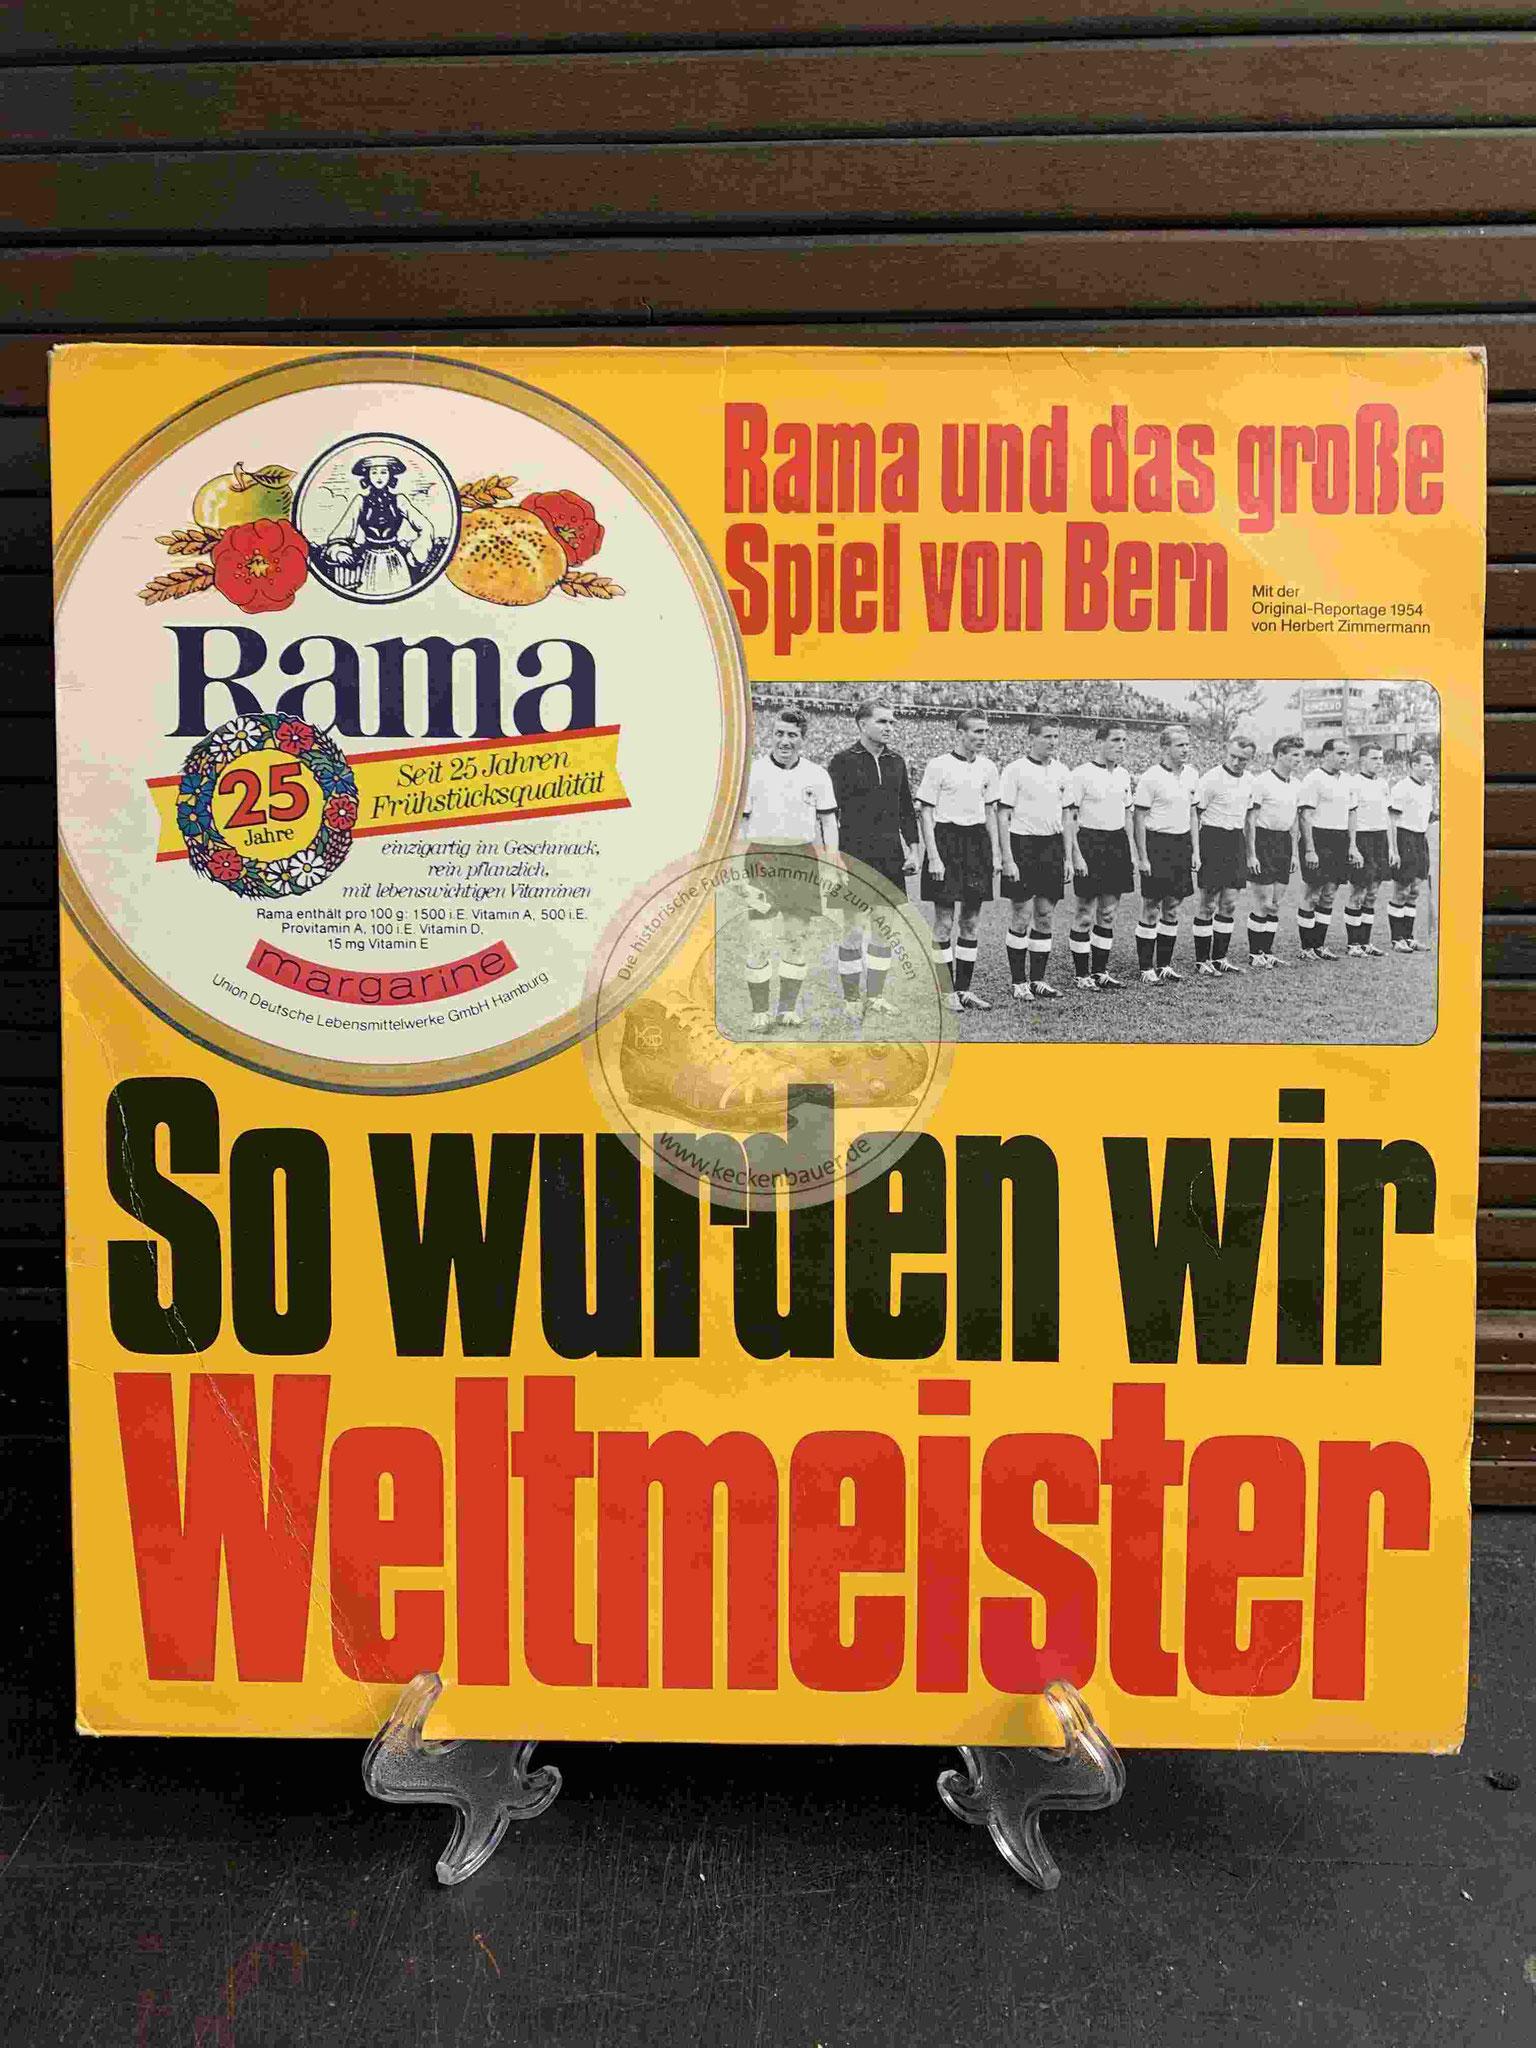 1978 Rama und das große Spiel von Bern So wurden wir Weltmeister